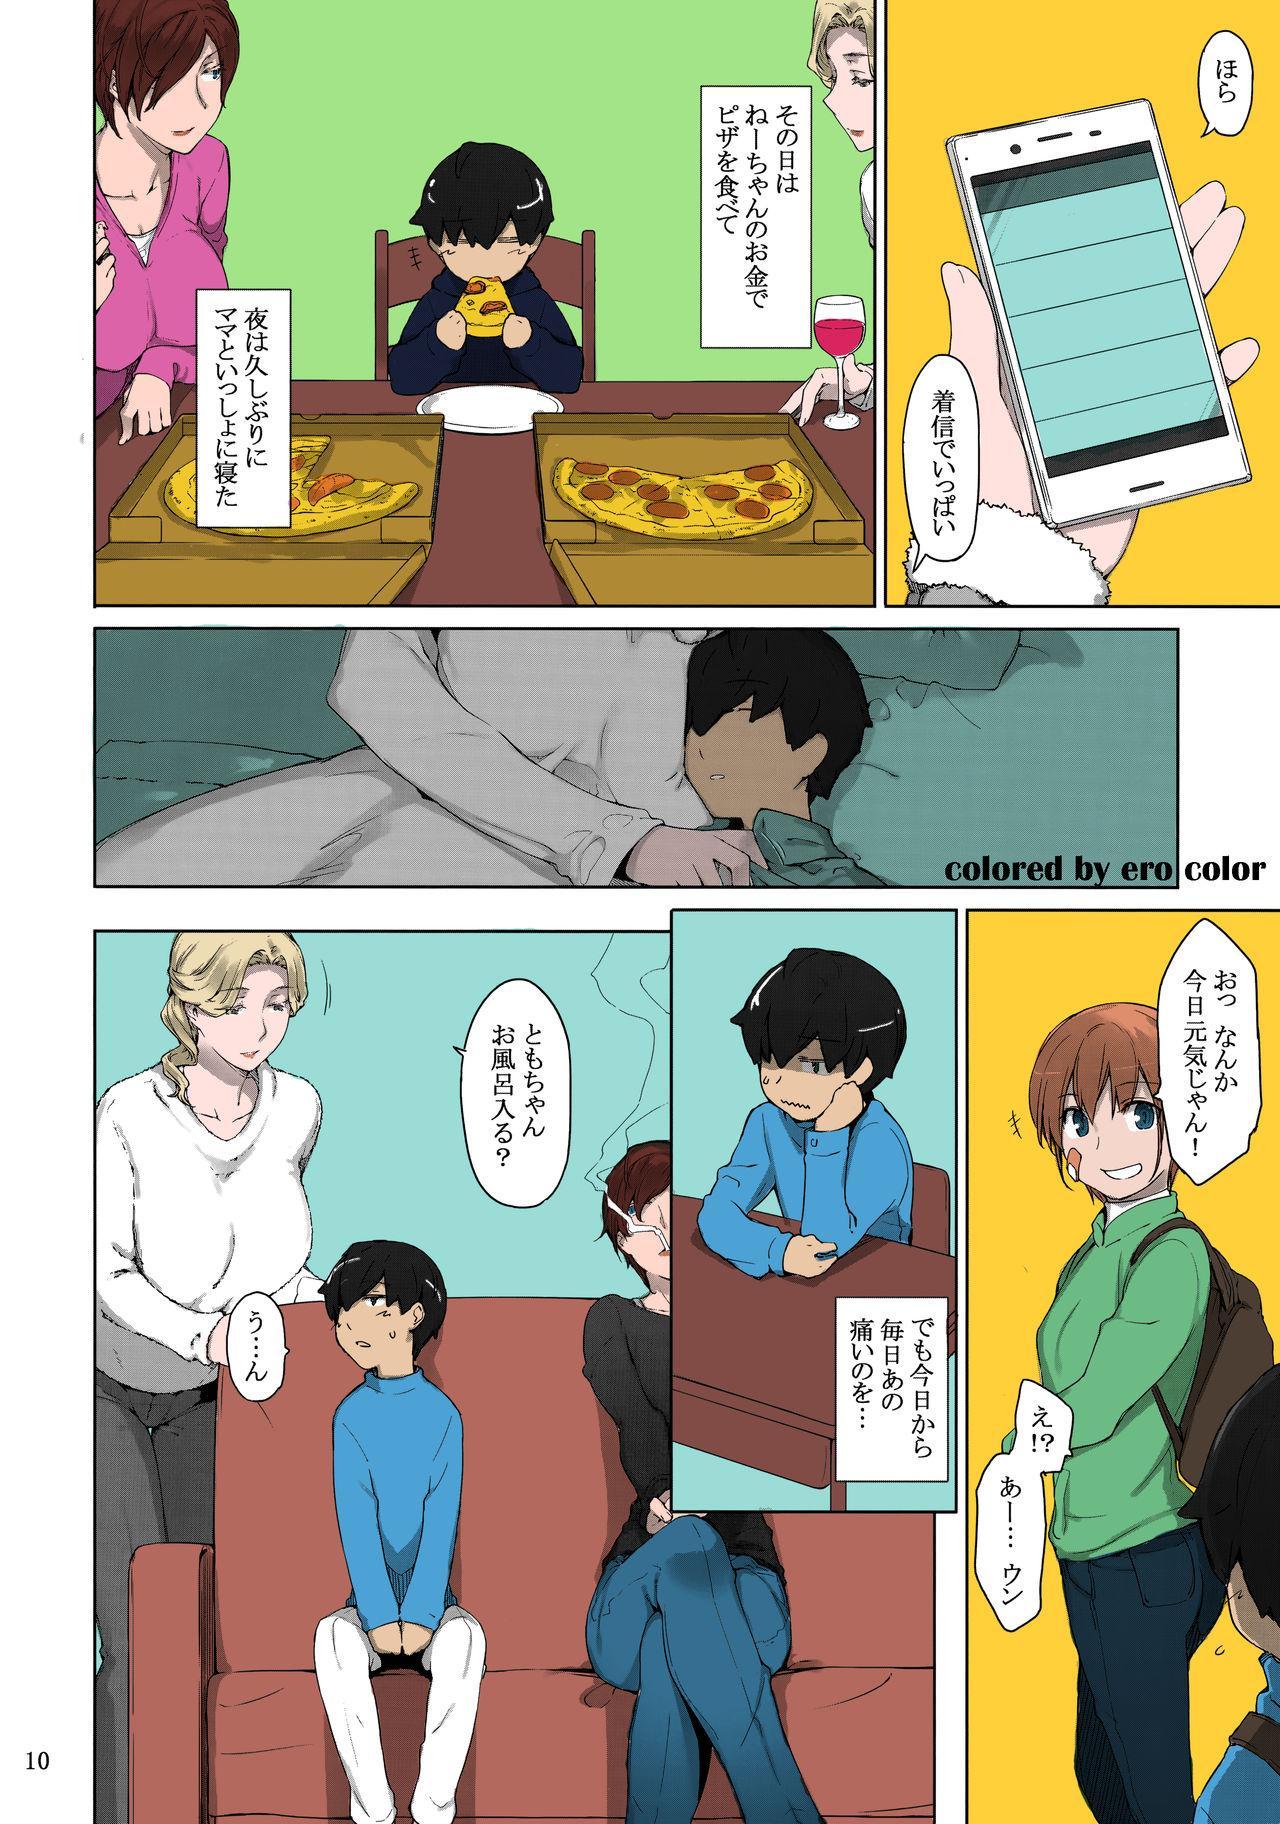 Tanemori-ke no Katei Jijou 1 8